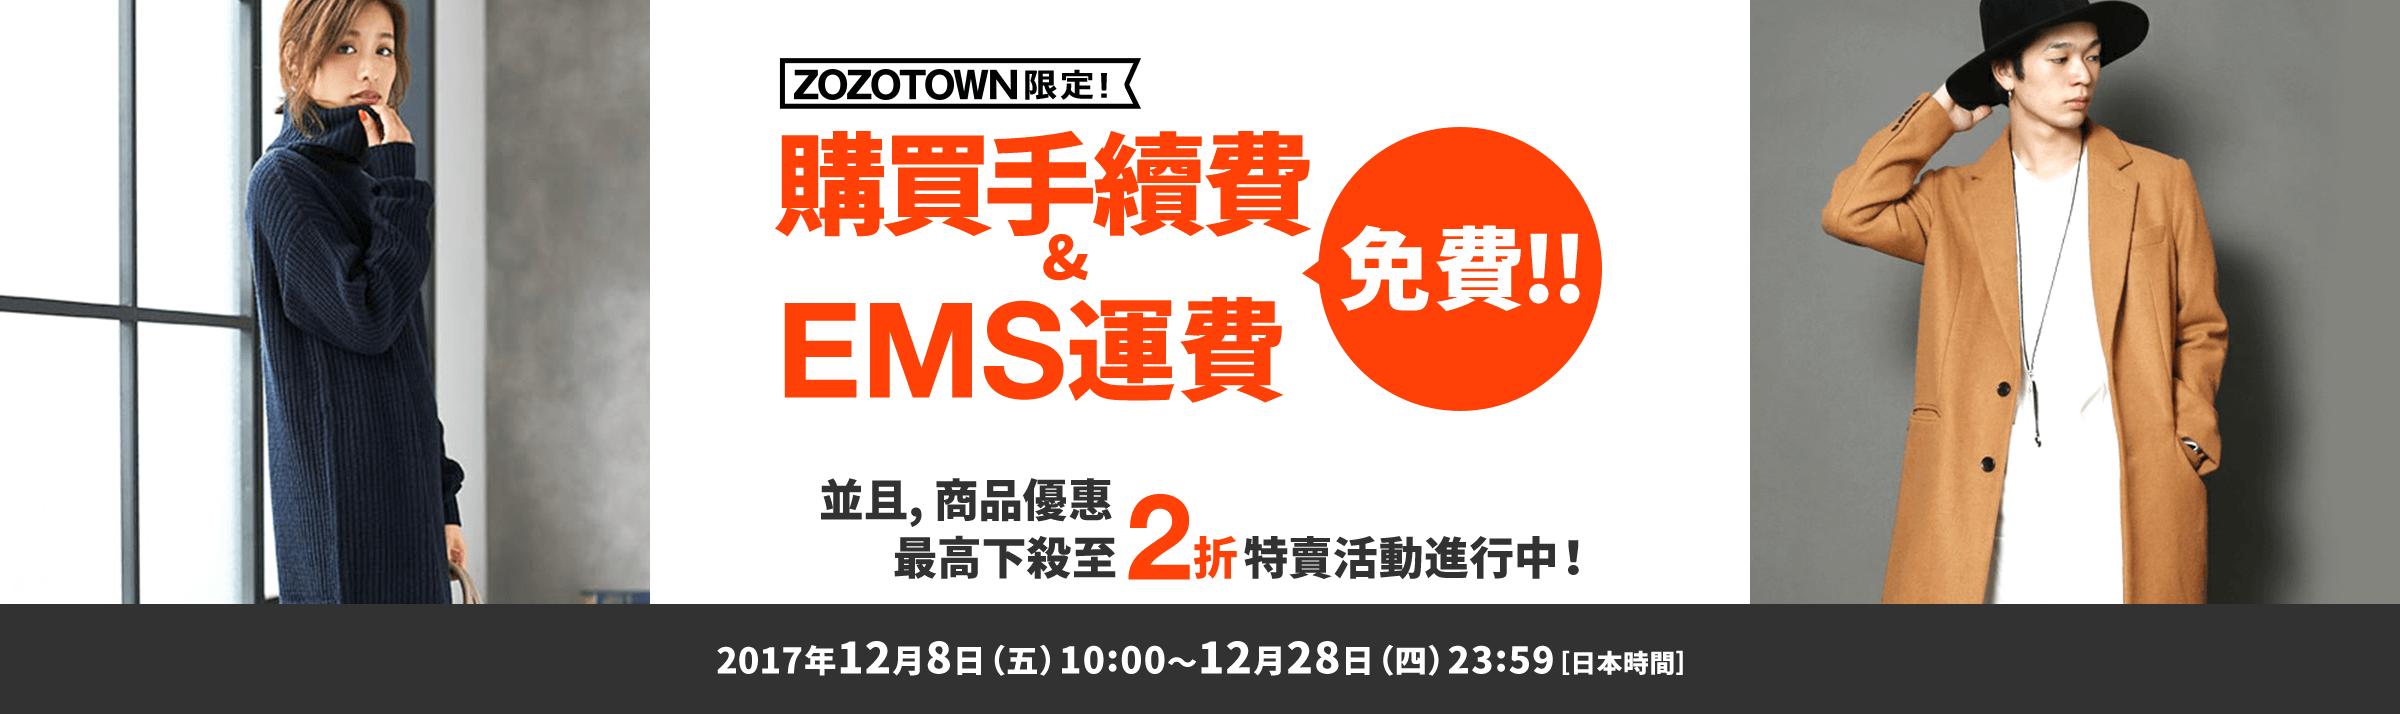 ZOZOTONW限定!購買手續費&EMS國際運費 免費!!